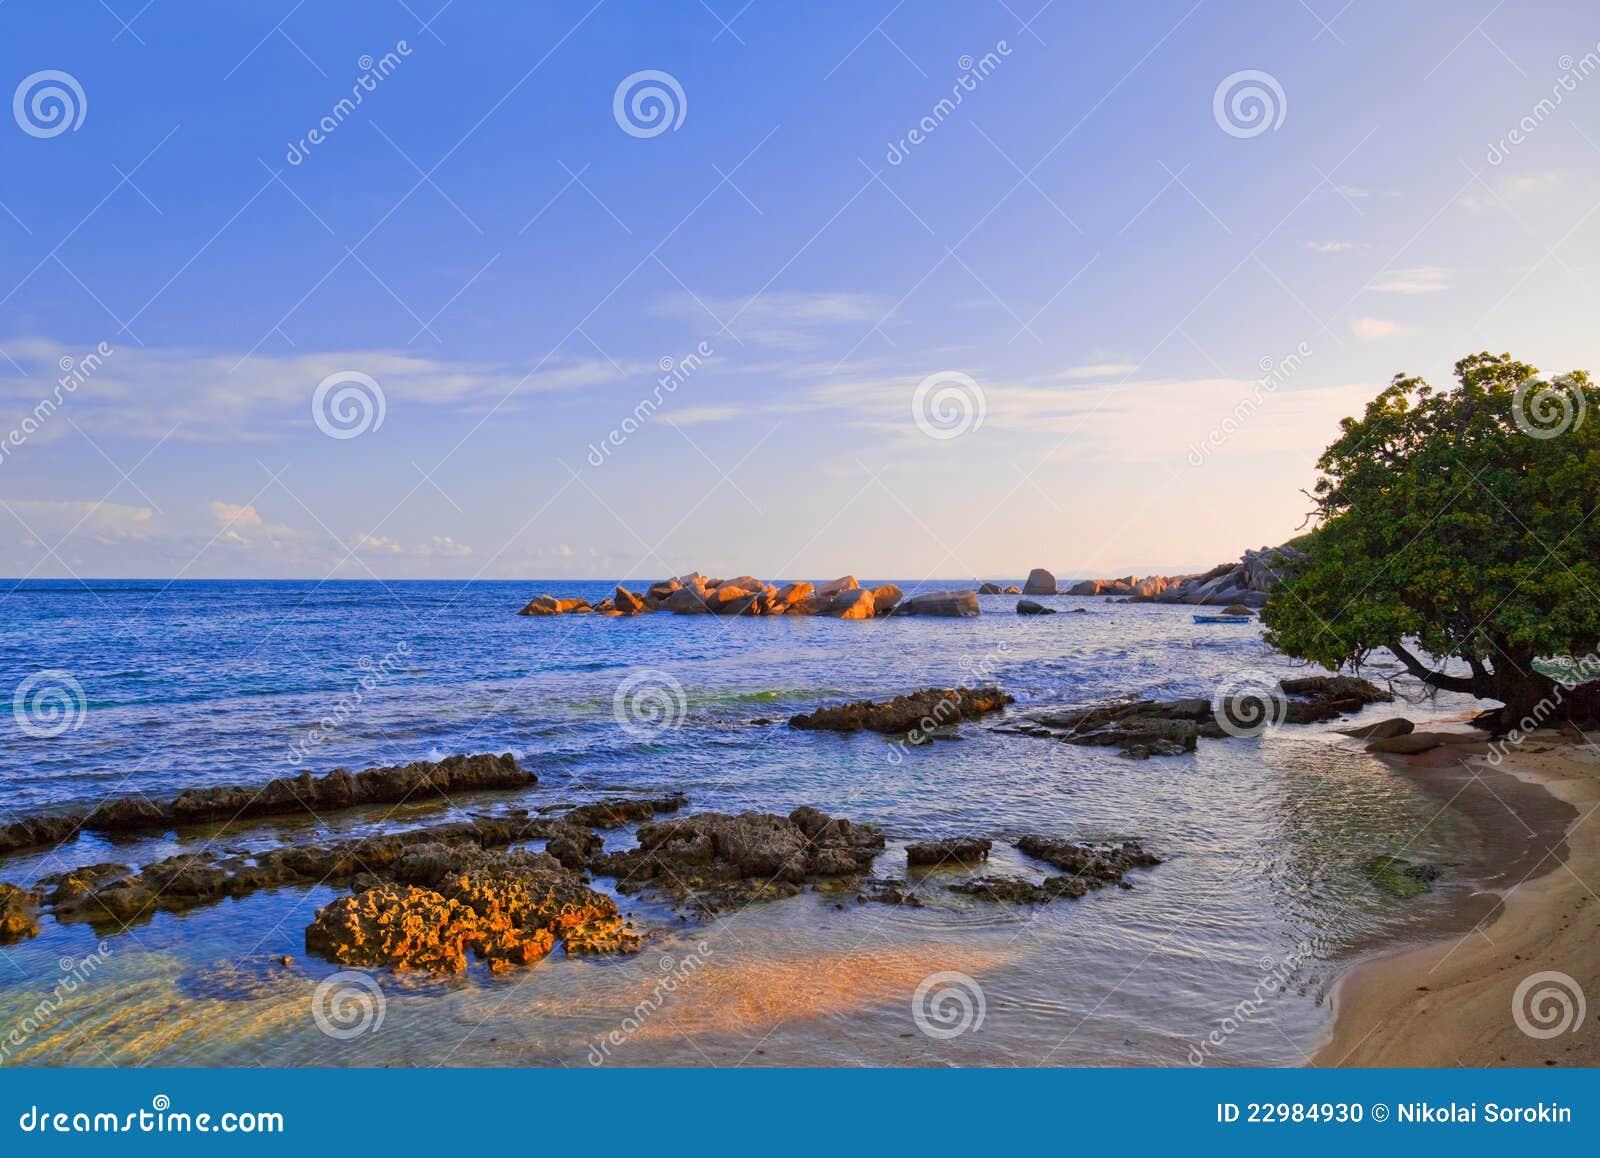 Playa tropical en Seychelles en la puesta del sol